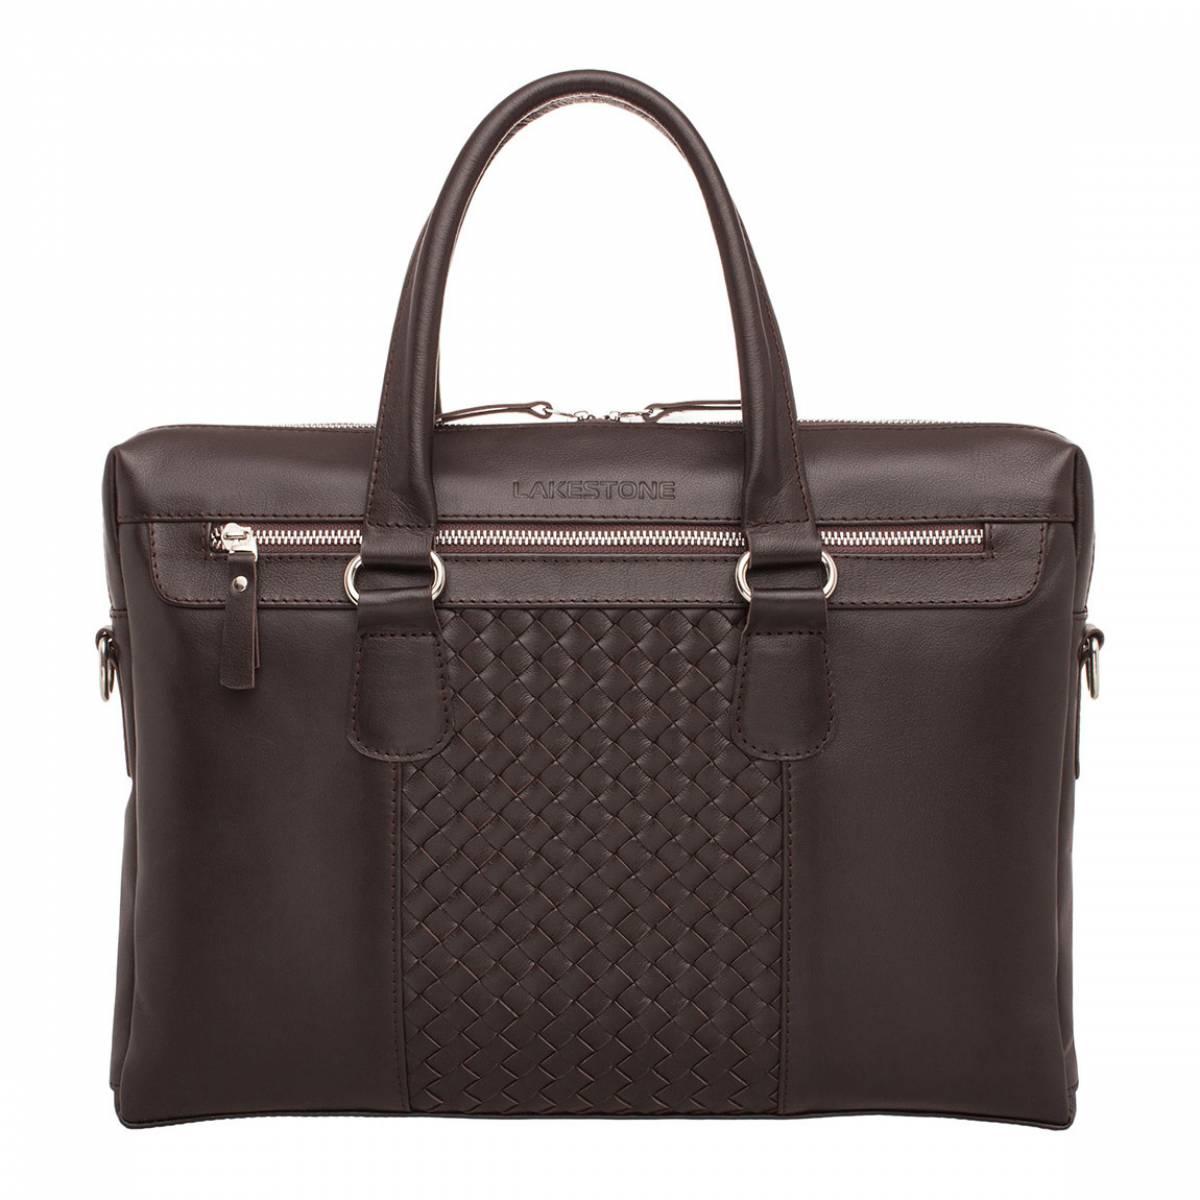 Деловая сумка Bramley Brown из кожи для ноутбука фото